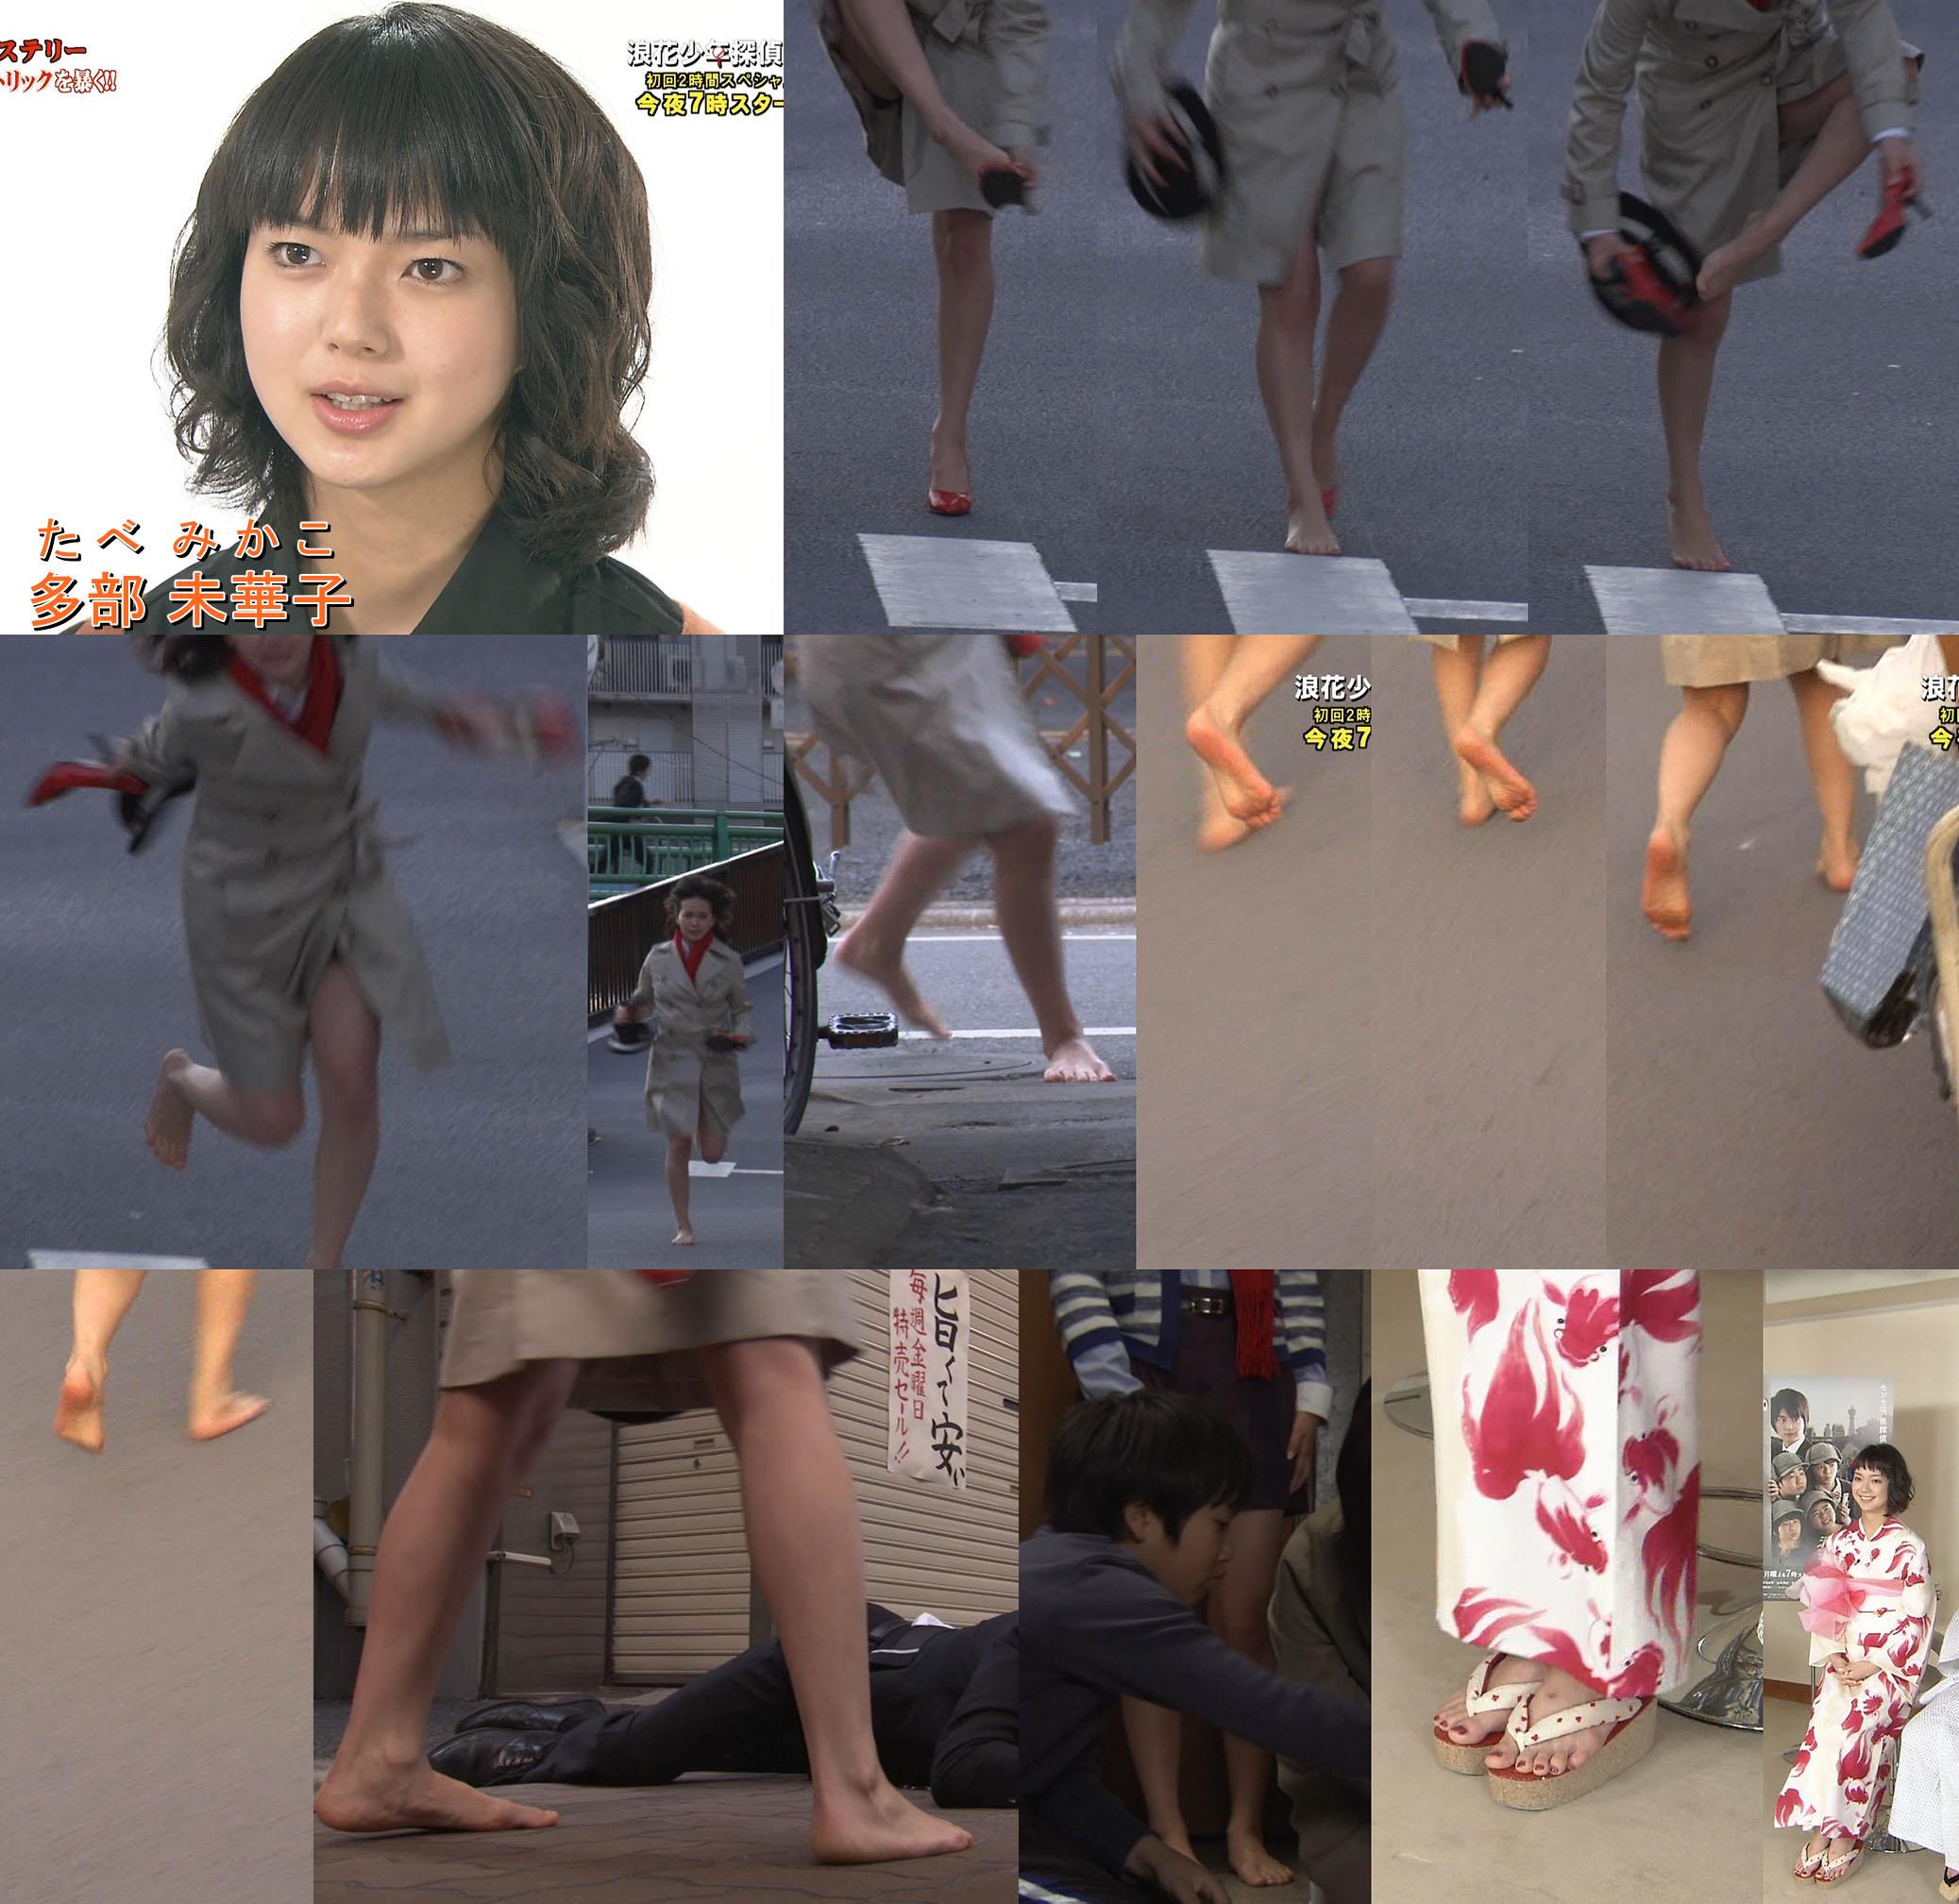 女子の裸足フェチ 10足目xvideo>1本 YouTube動画>6本 ->画像>92枚